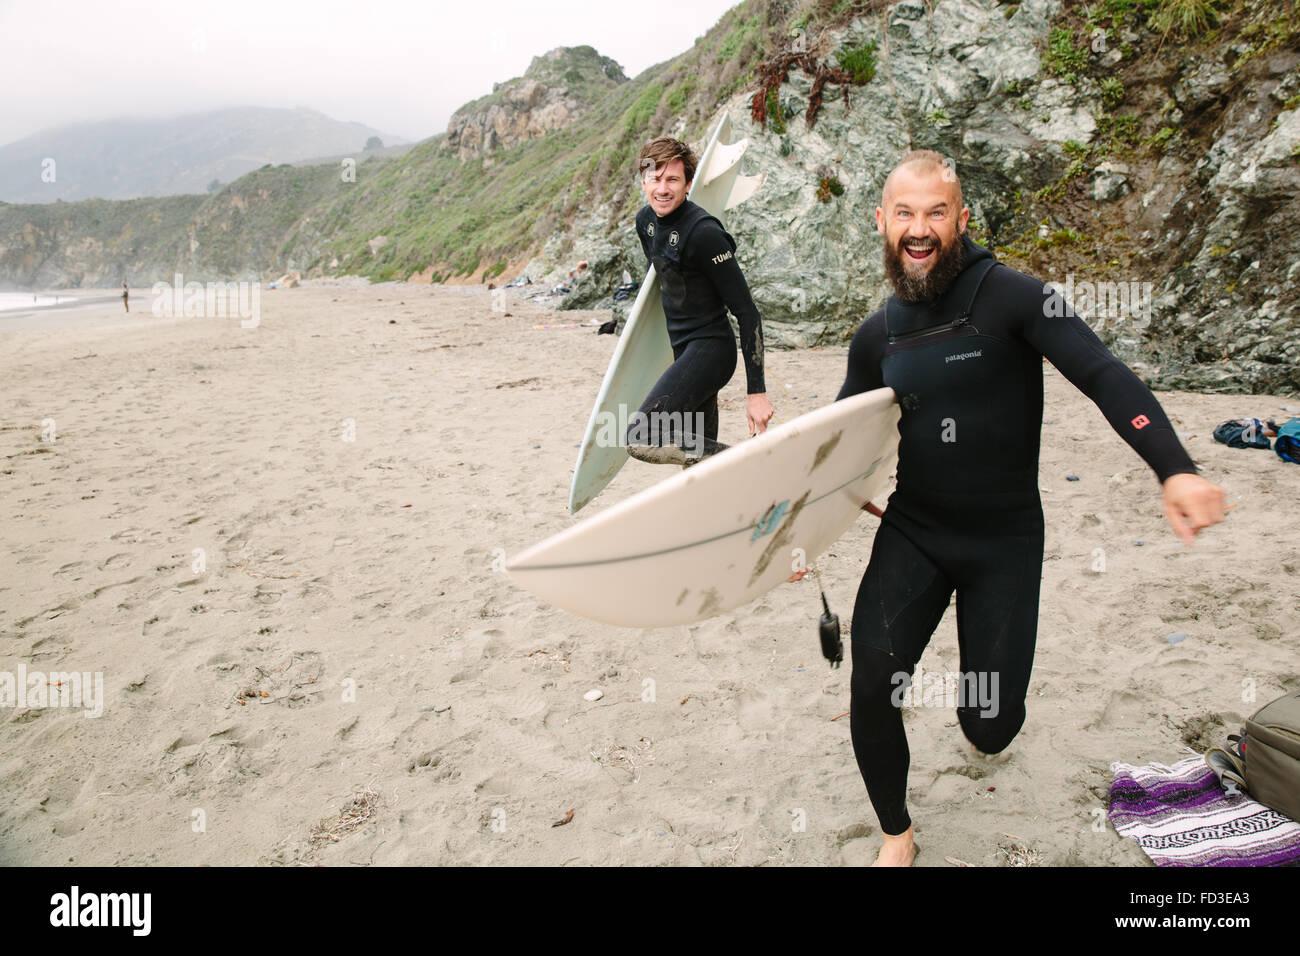 Deux surfeurs goof autour sur la plage avant de sauter dans l'eau pour attraper des vagues à Big Sur, en Californie. Banque D'Images